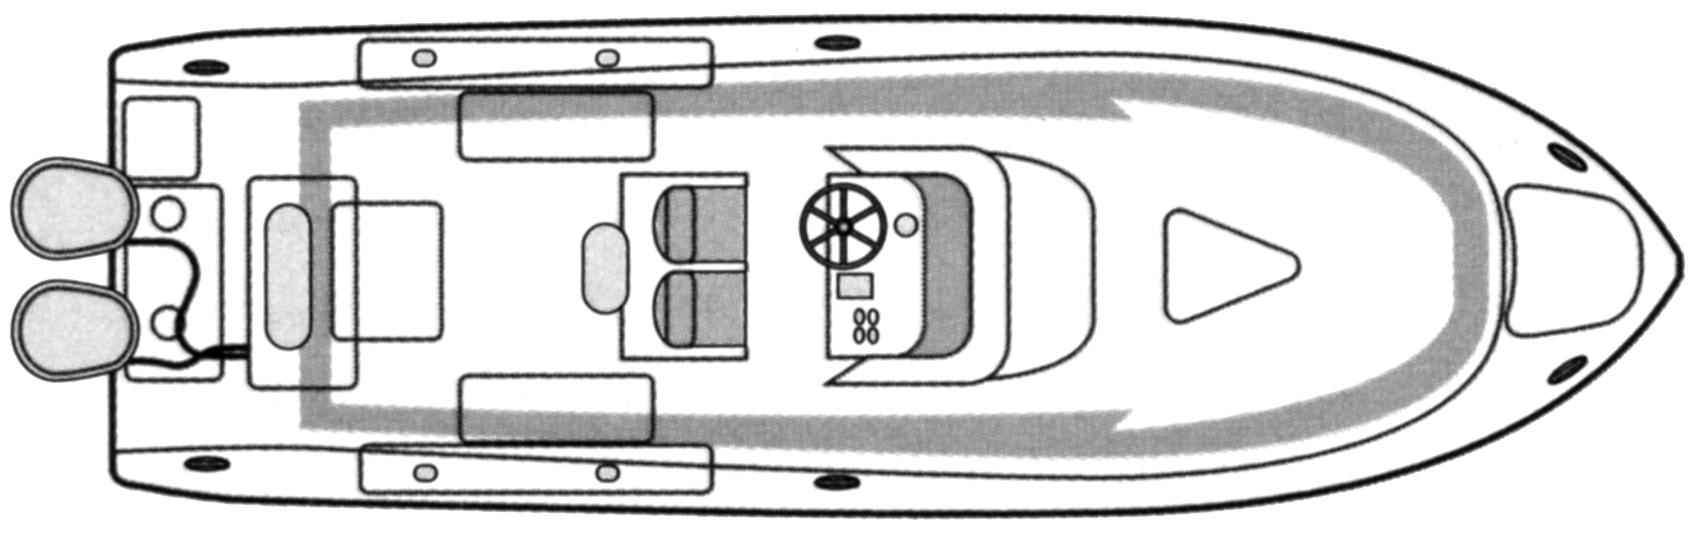 C 310 Floor Plan 1